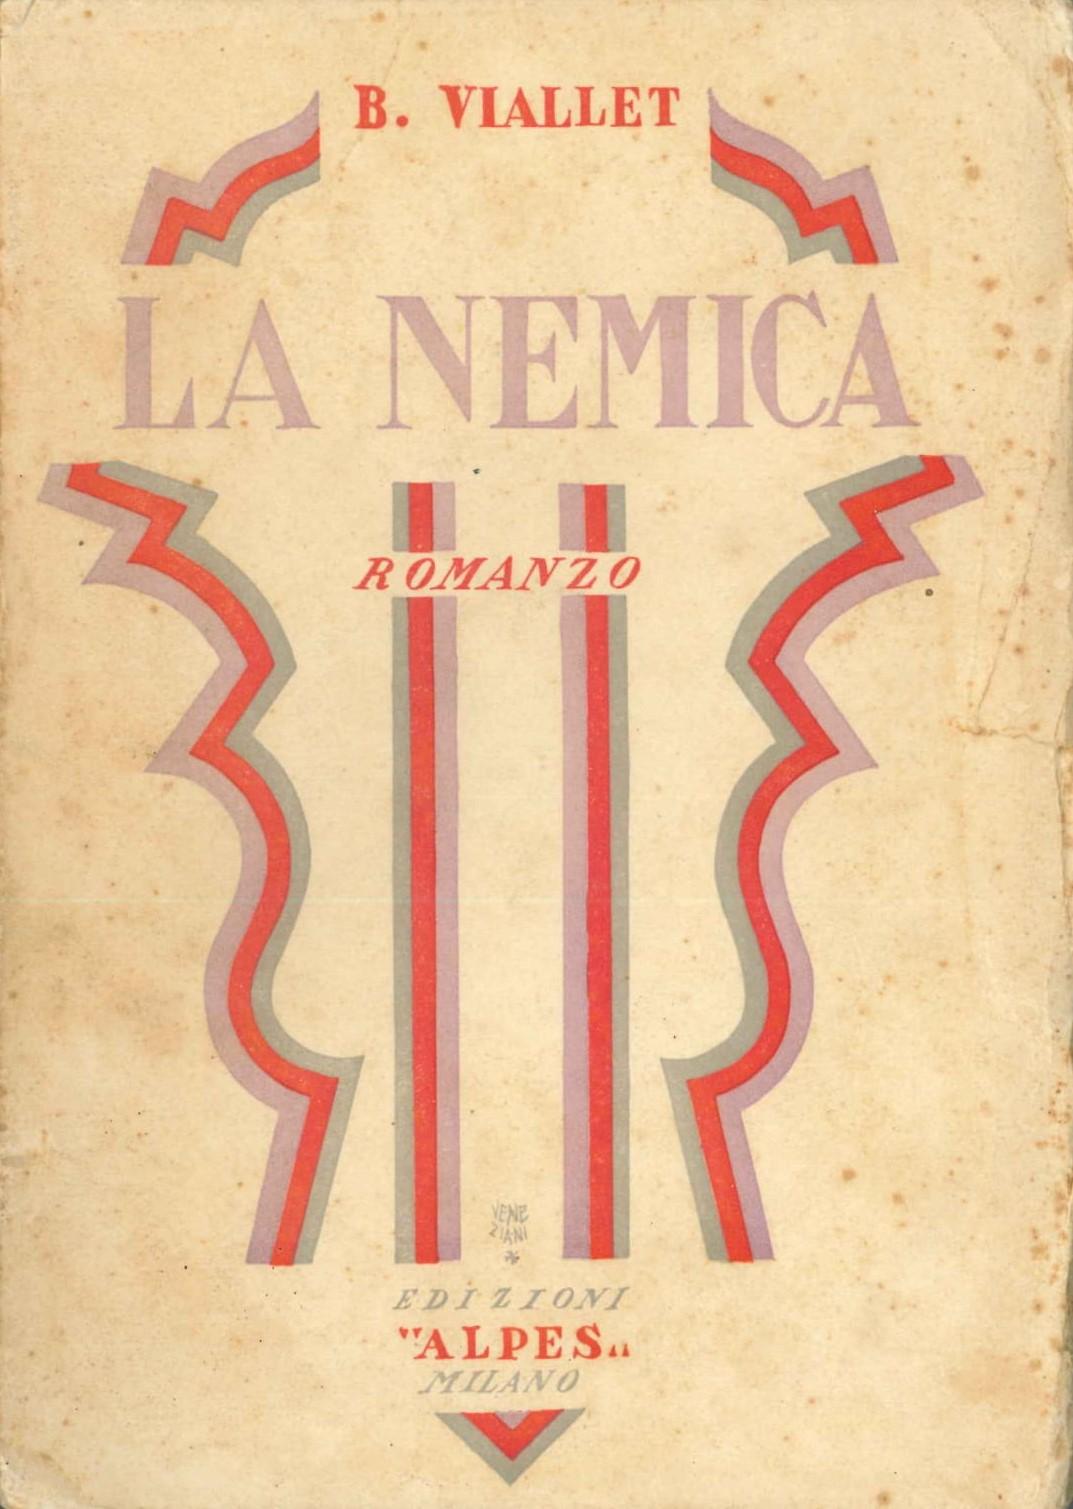 Le Edizioni Alpes di Franco Ciarlantini, con sullo sfondo Bice Viallet e le donne nella pittura